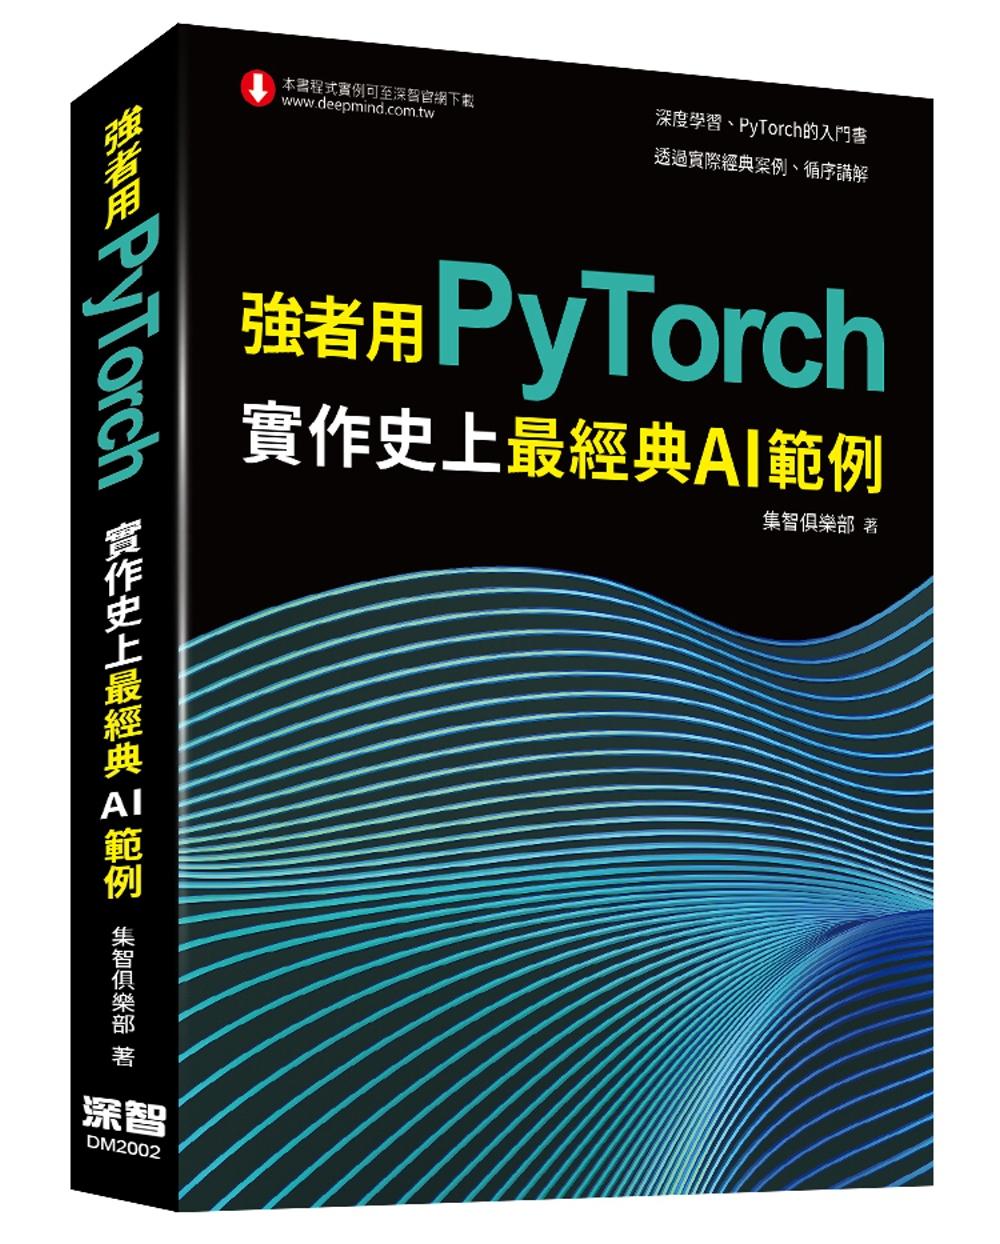 強者用PyTorch:實作史上最經典AI範例